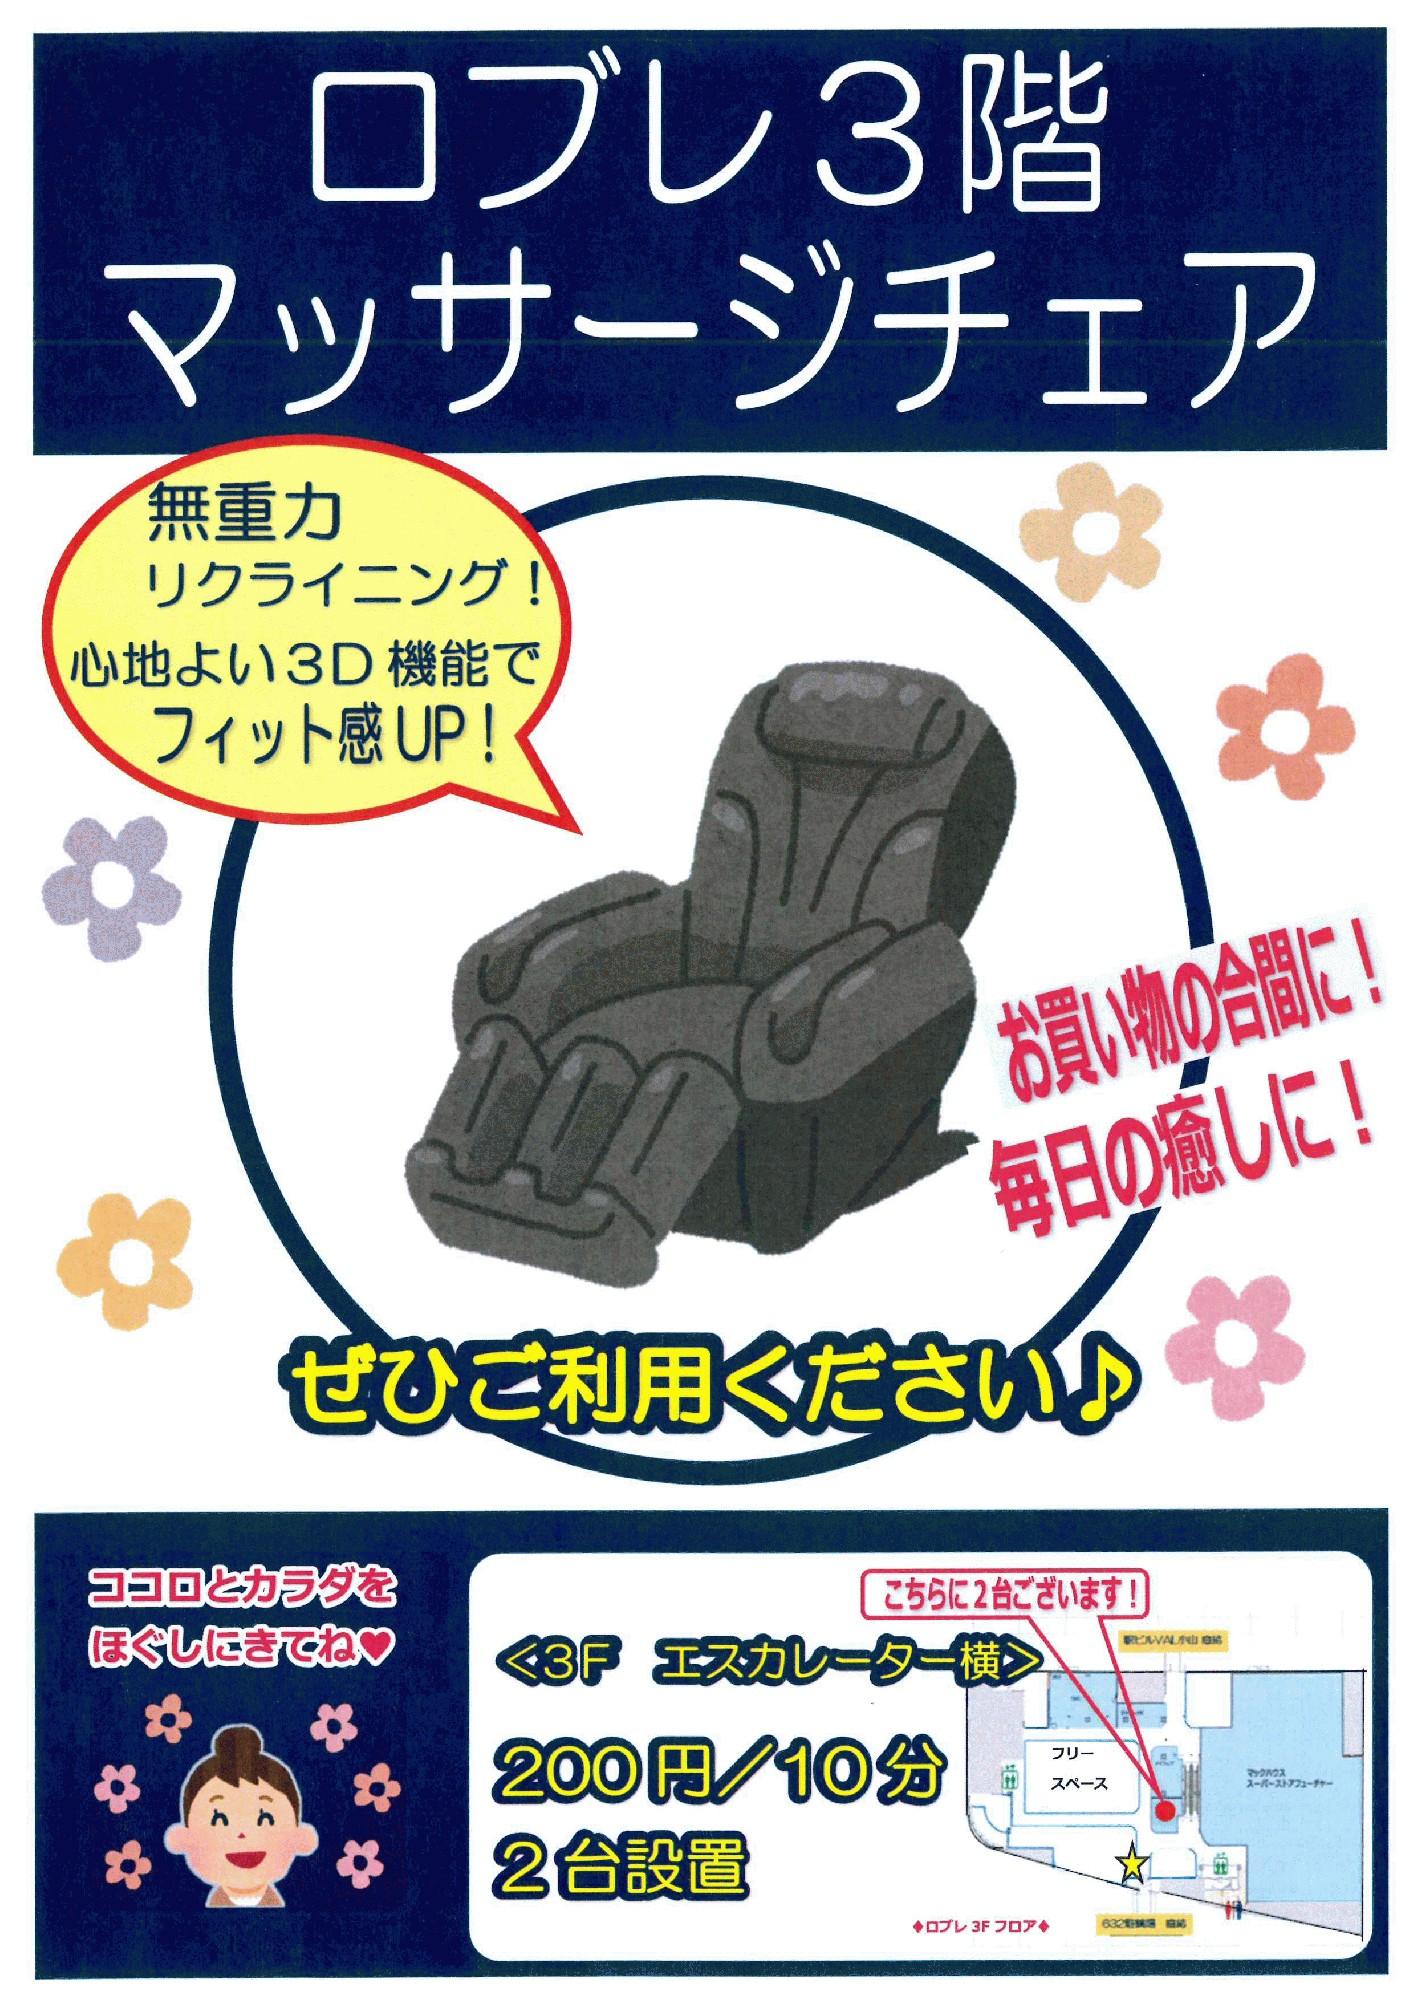 ロブレ3階 マッサージチェアー『あんま王2』!!